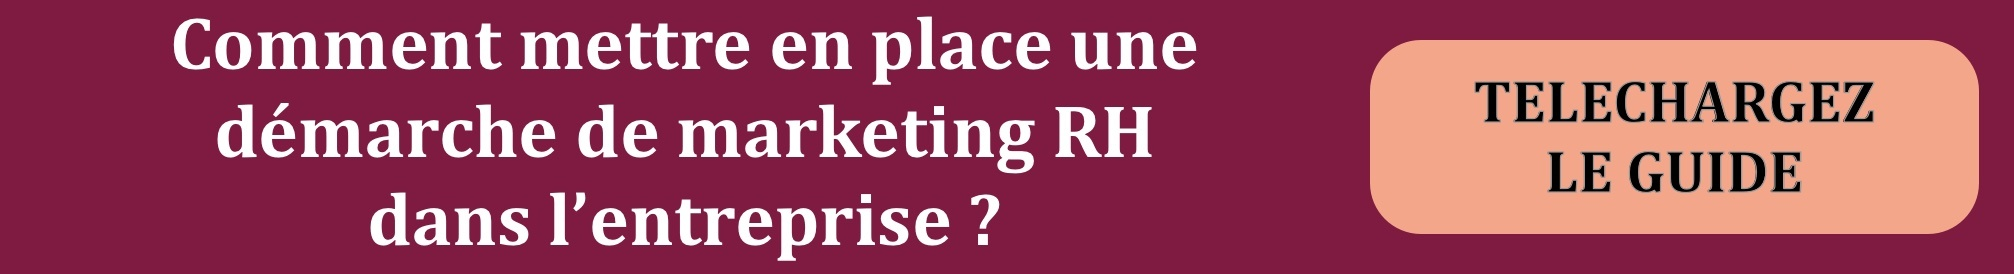 Comment mettre en place une démarche de marketing RH dans l'entreprise ?